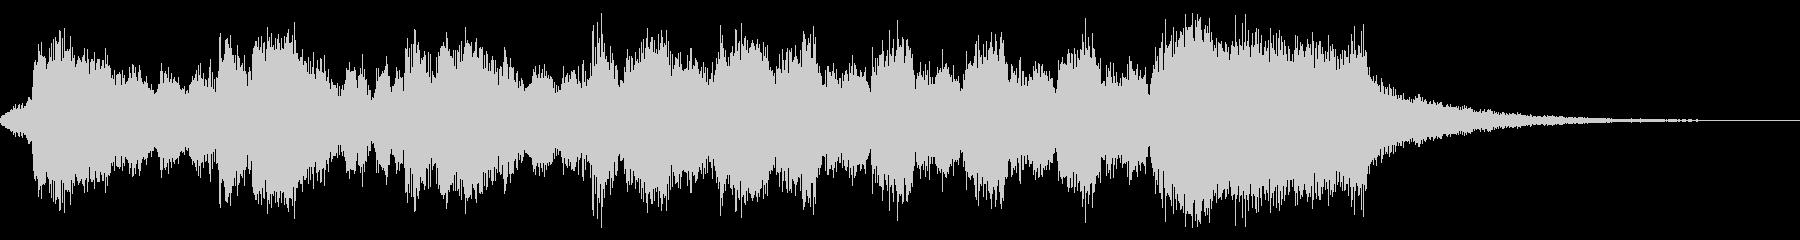 式典向き豪華なオーケストラファンファーレの未再生の波形